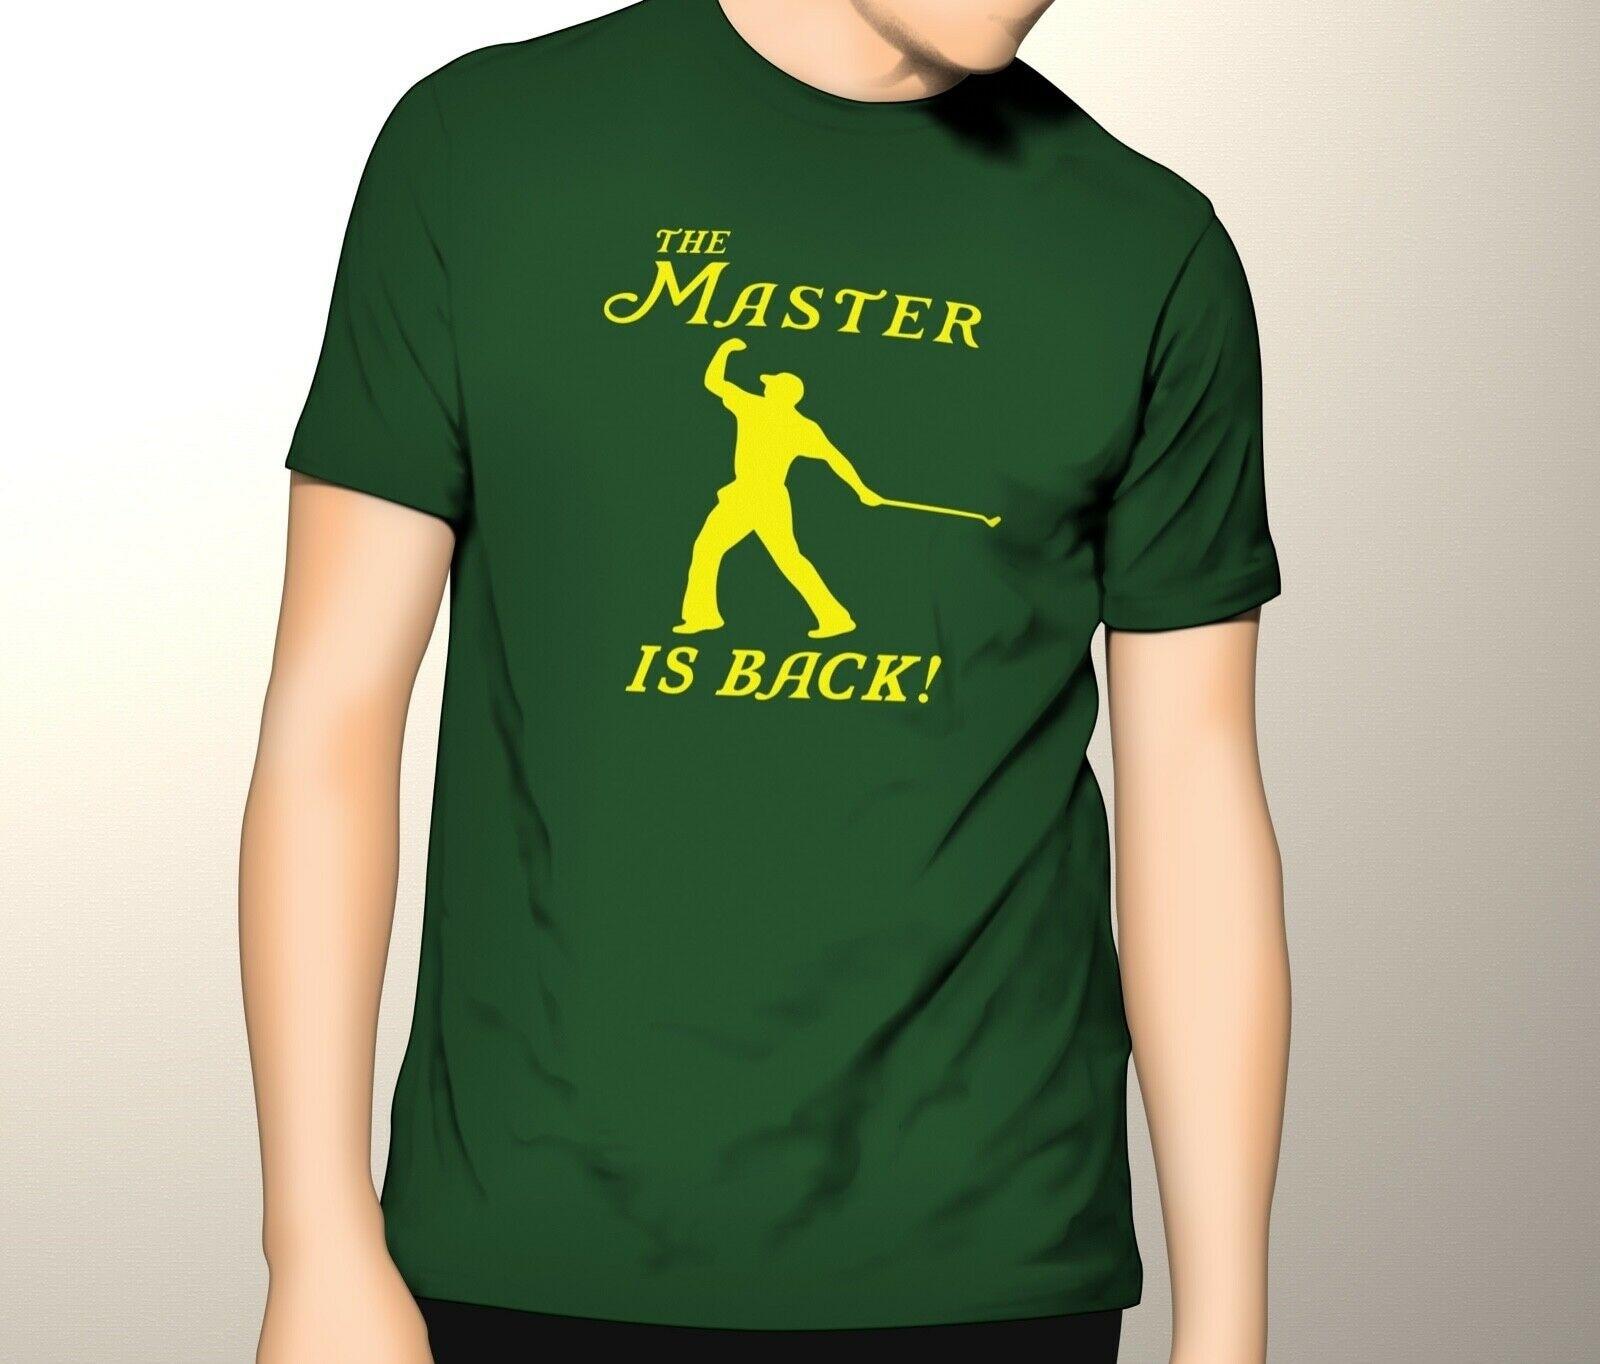 100% Wahr Hahayule-jbh Die Master Ist Zurück Tiger Woods 2019 Master Champion T-shirt футболка женская Schmuck & Zubehör